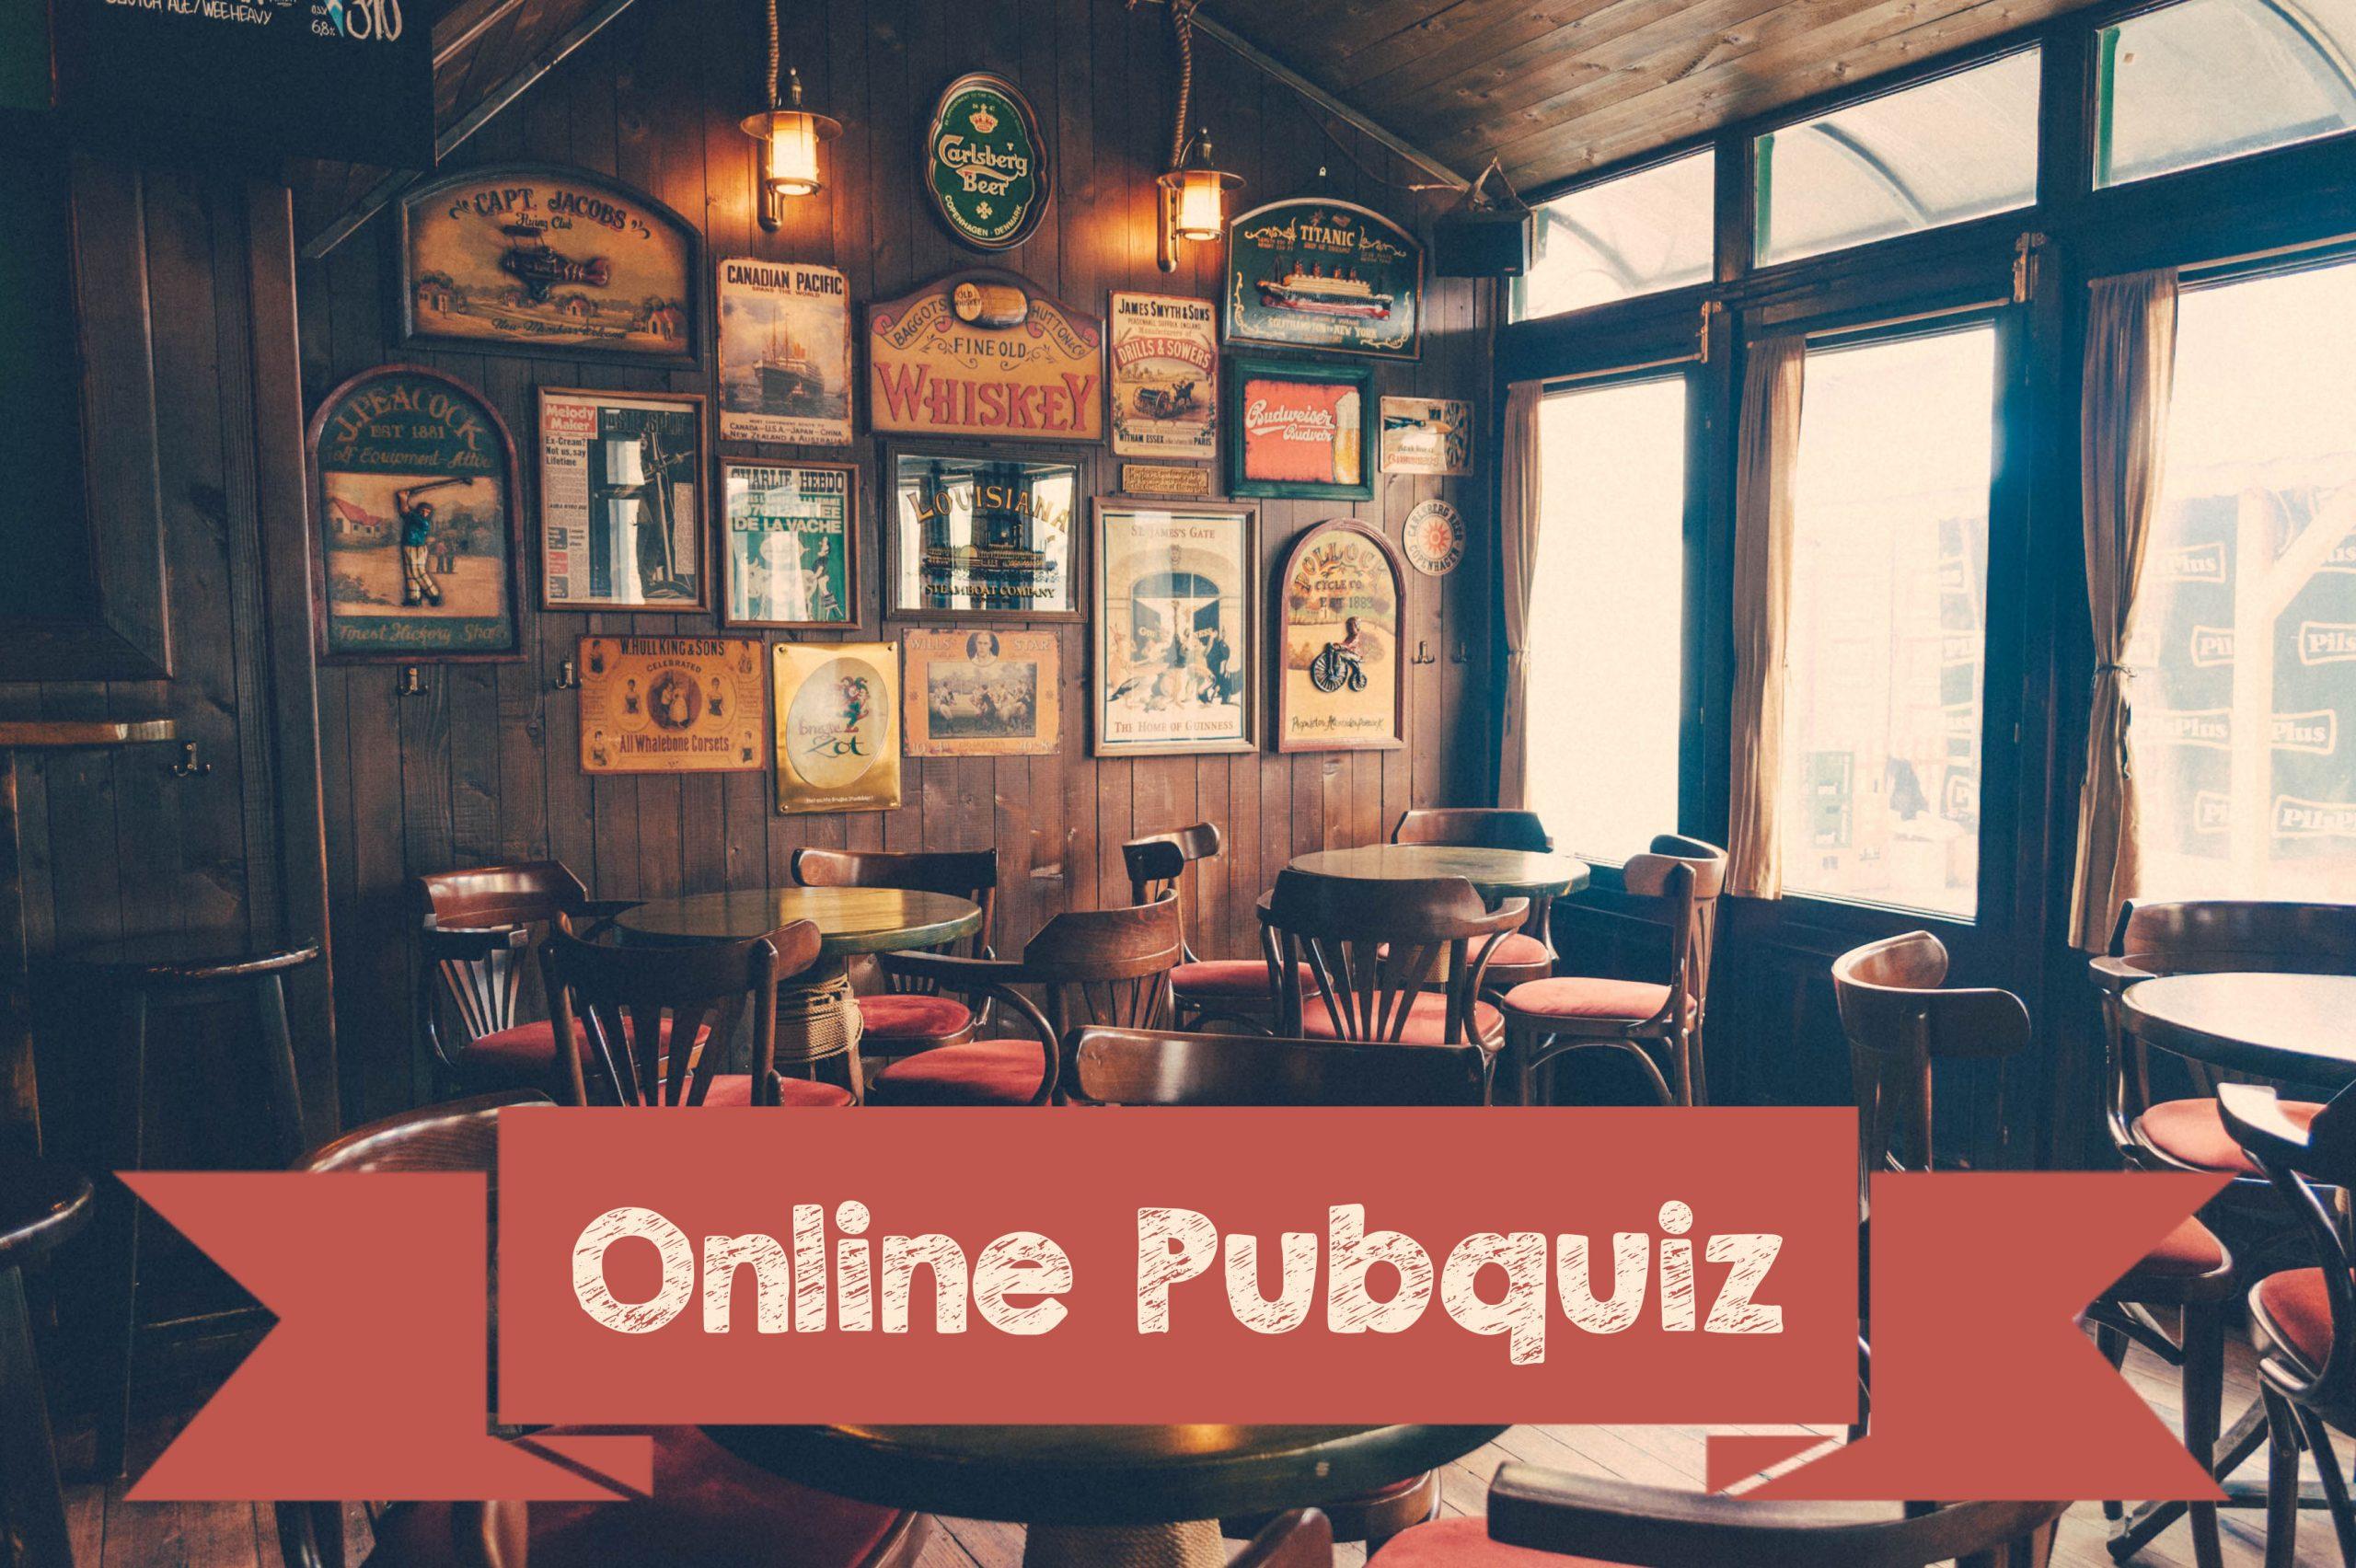 Online Pubquiz - Algemeen